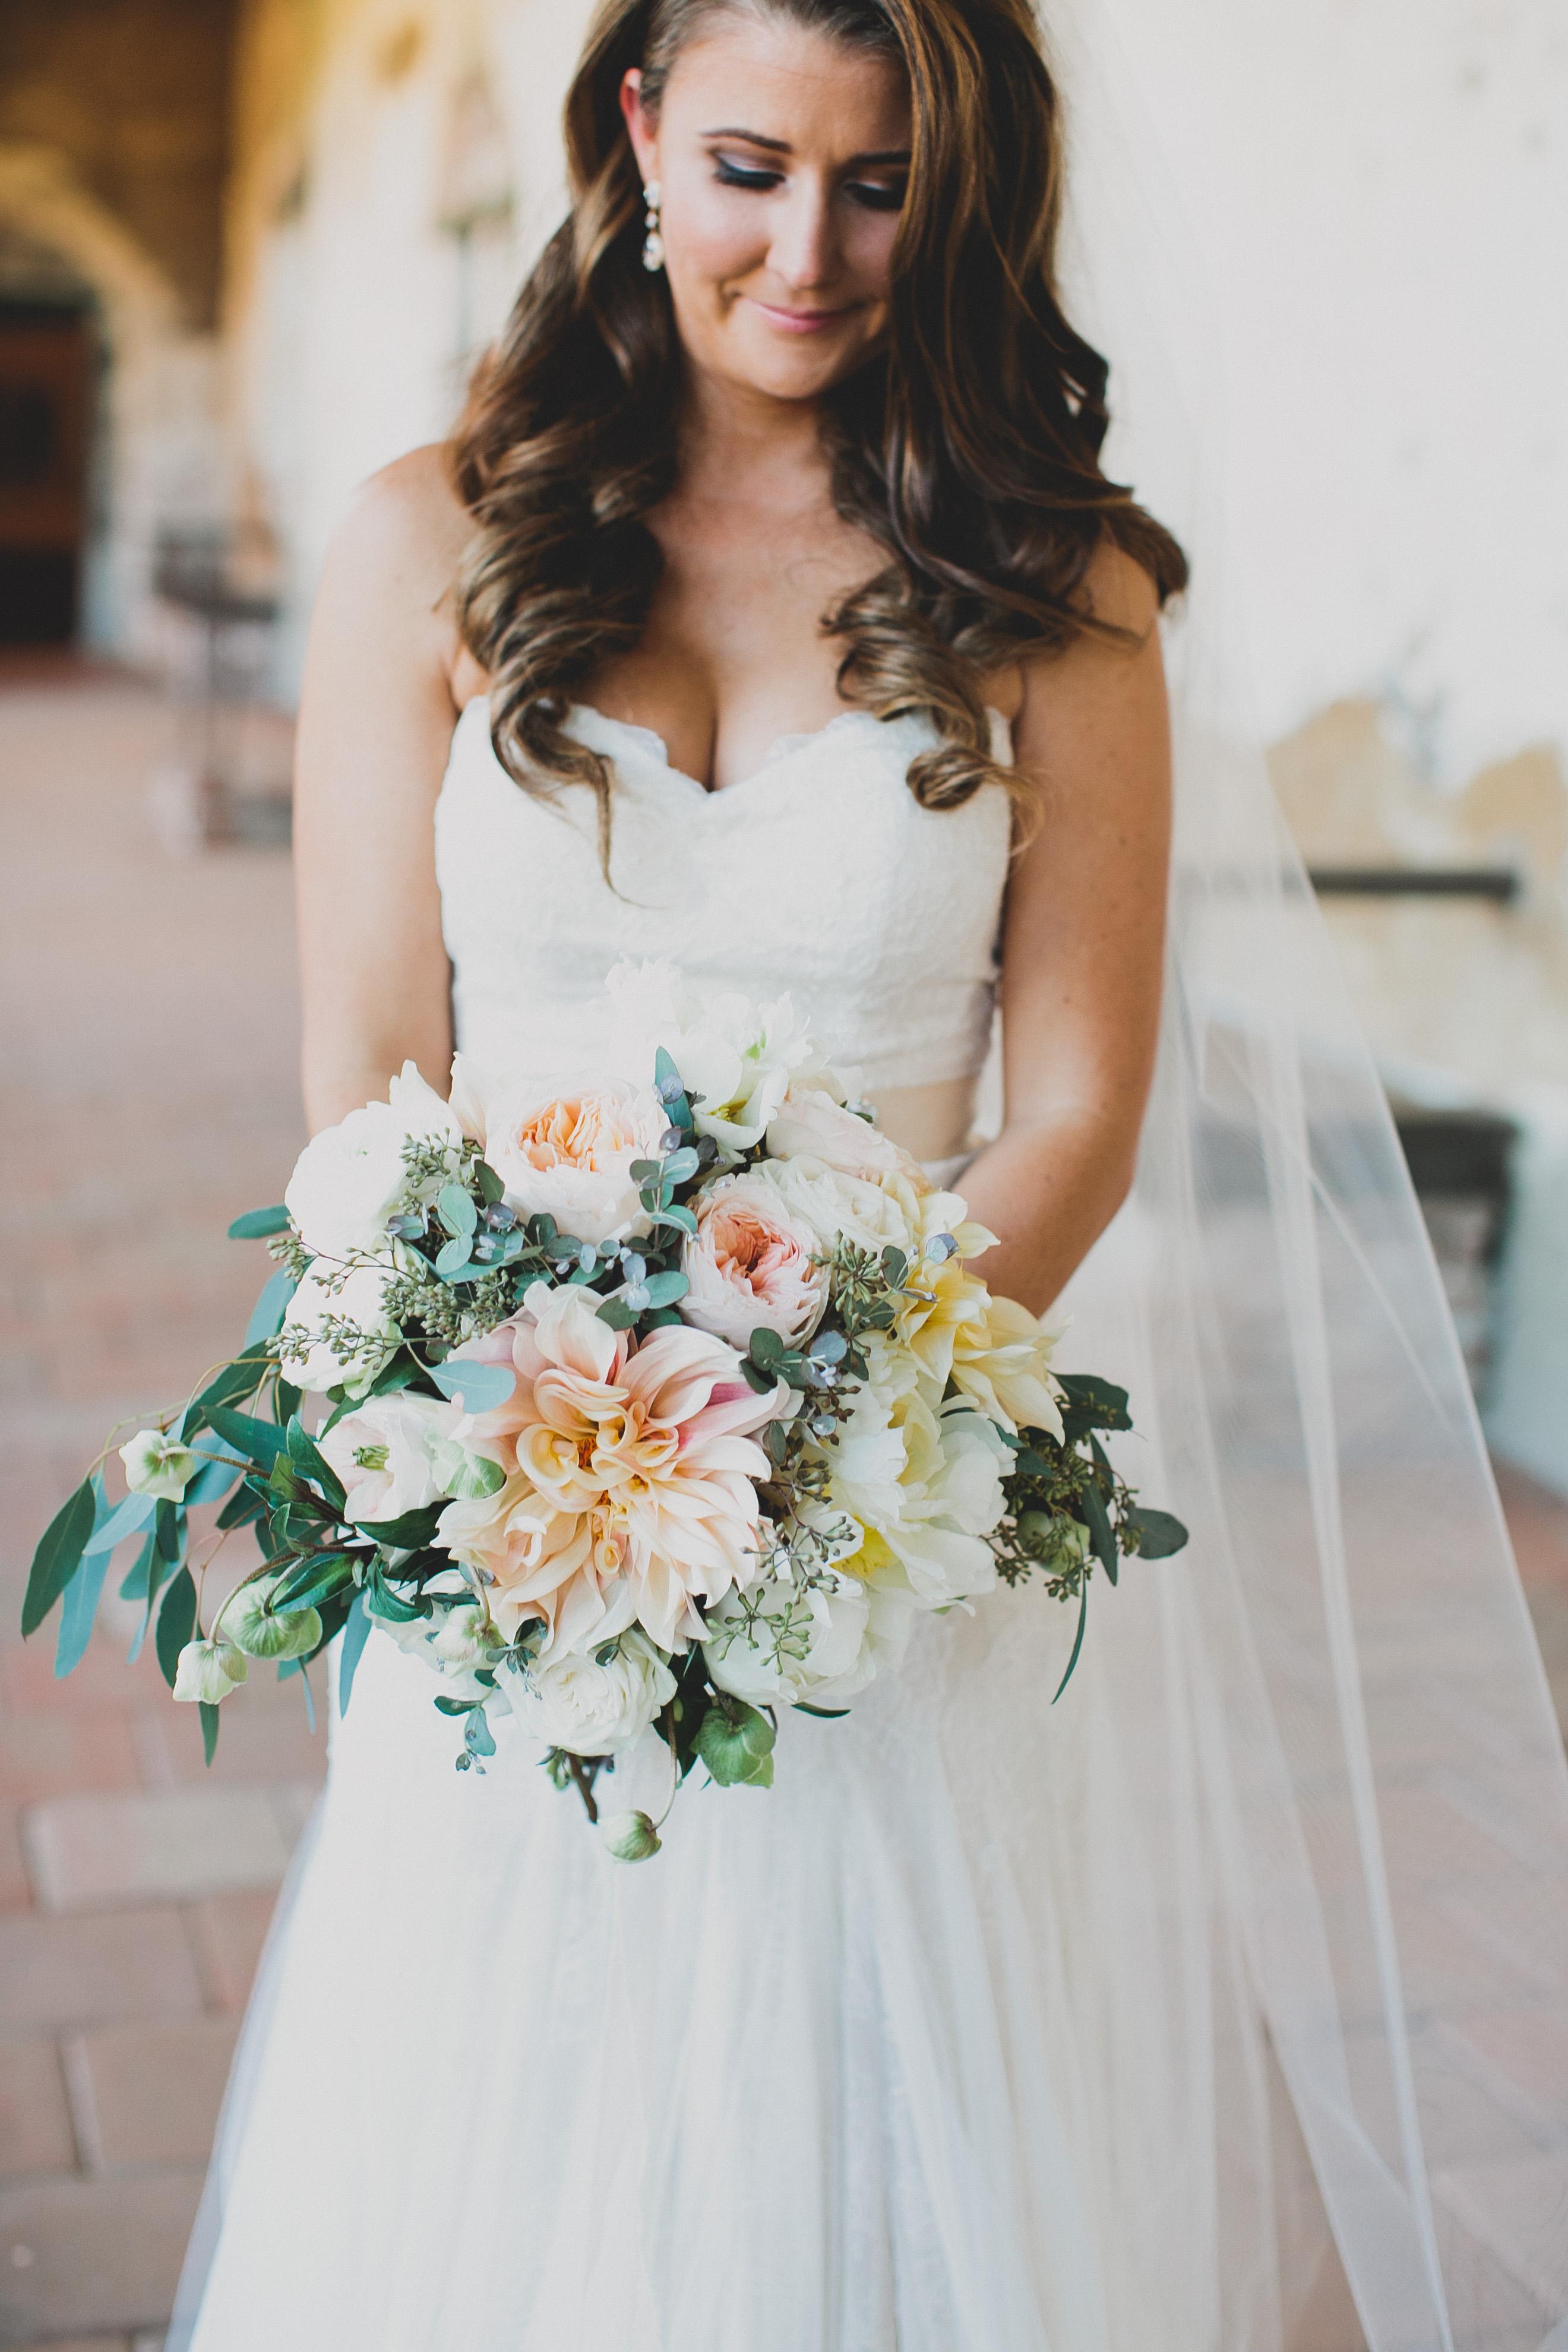 full dahlia wedding bouquet